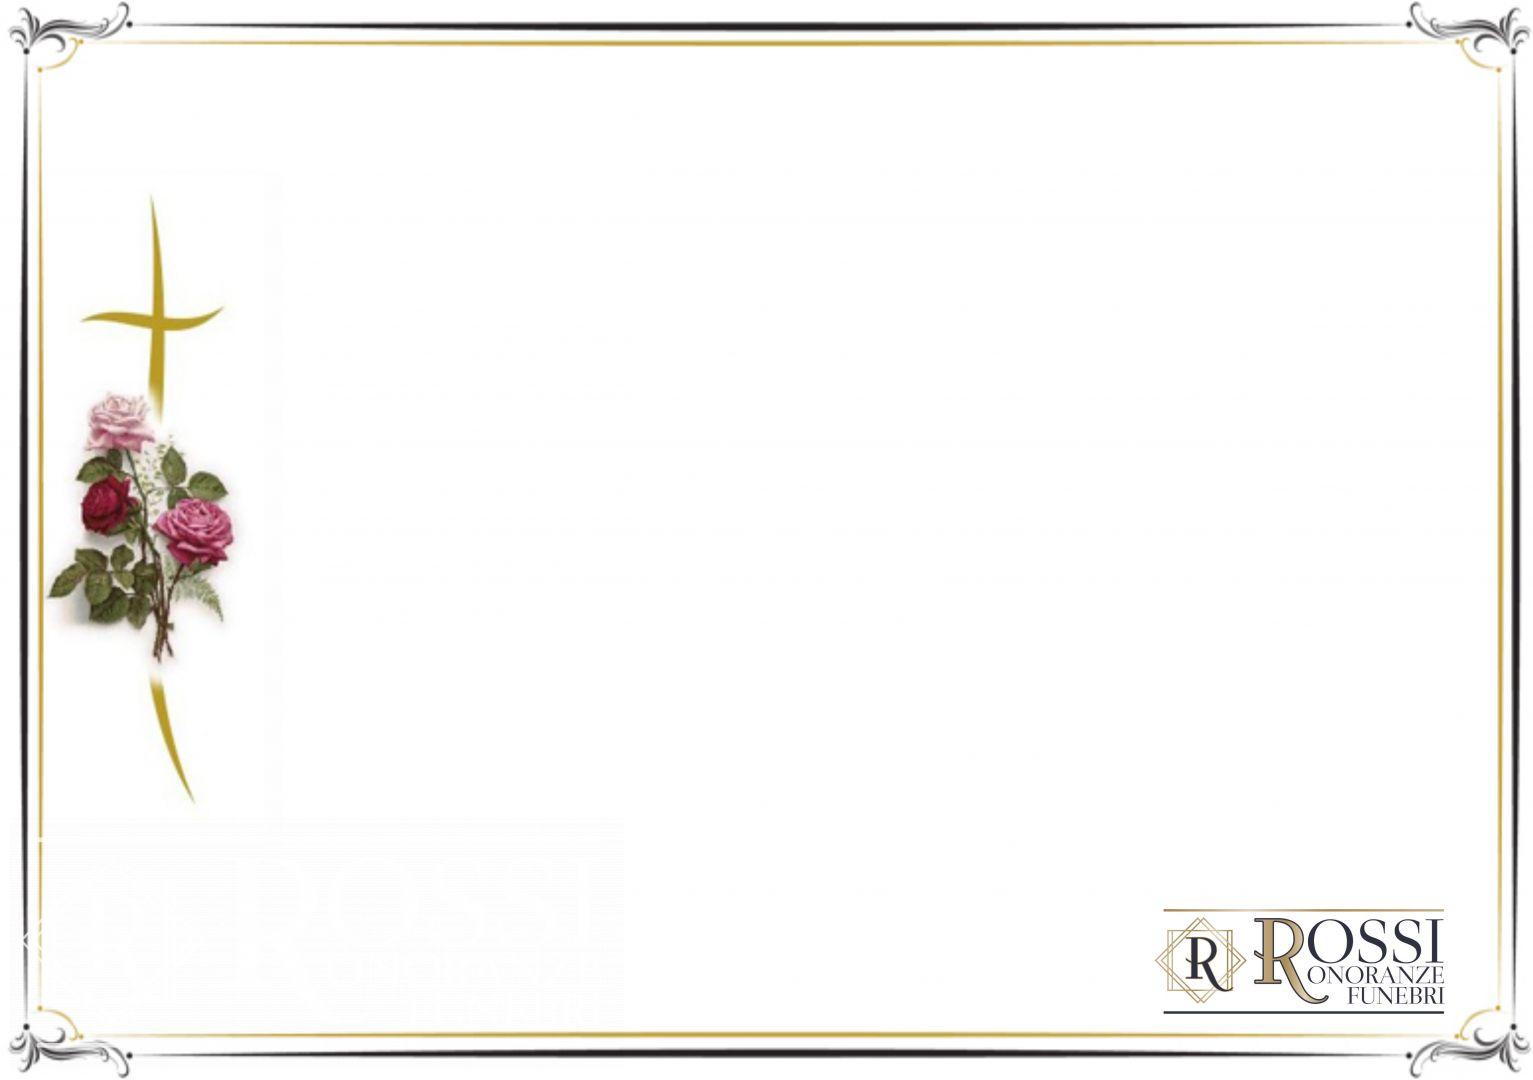 croce-con-fiore-10-1507794801843